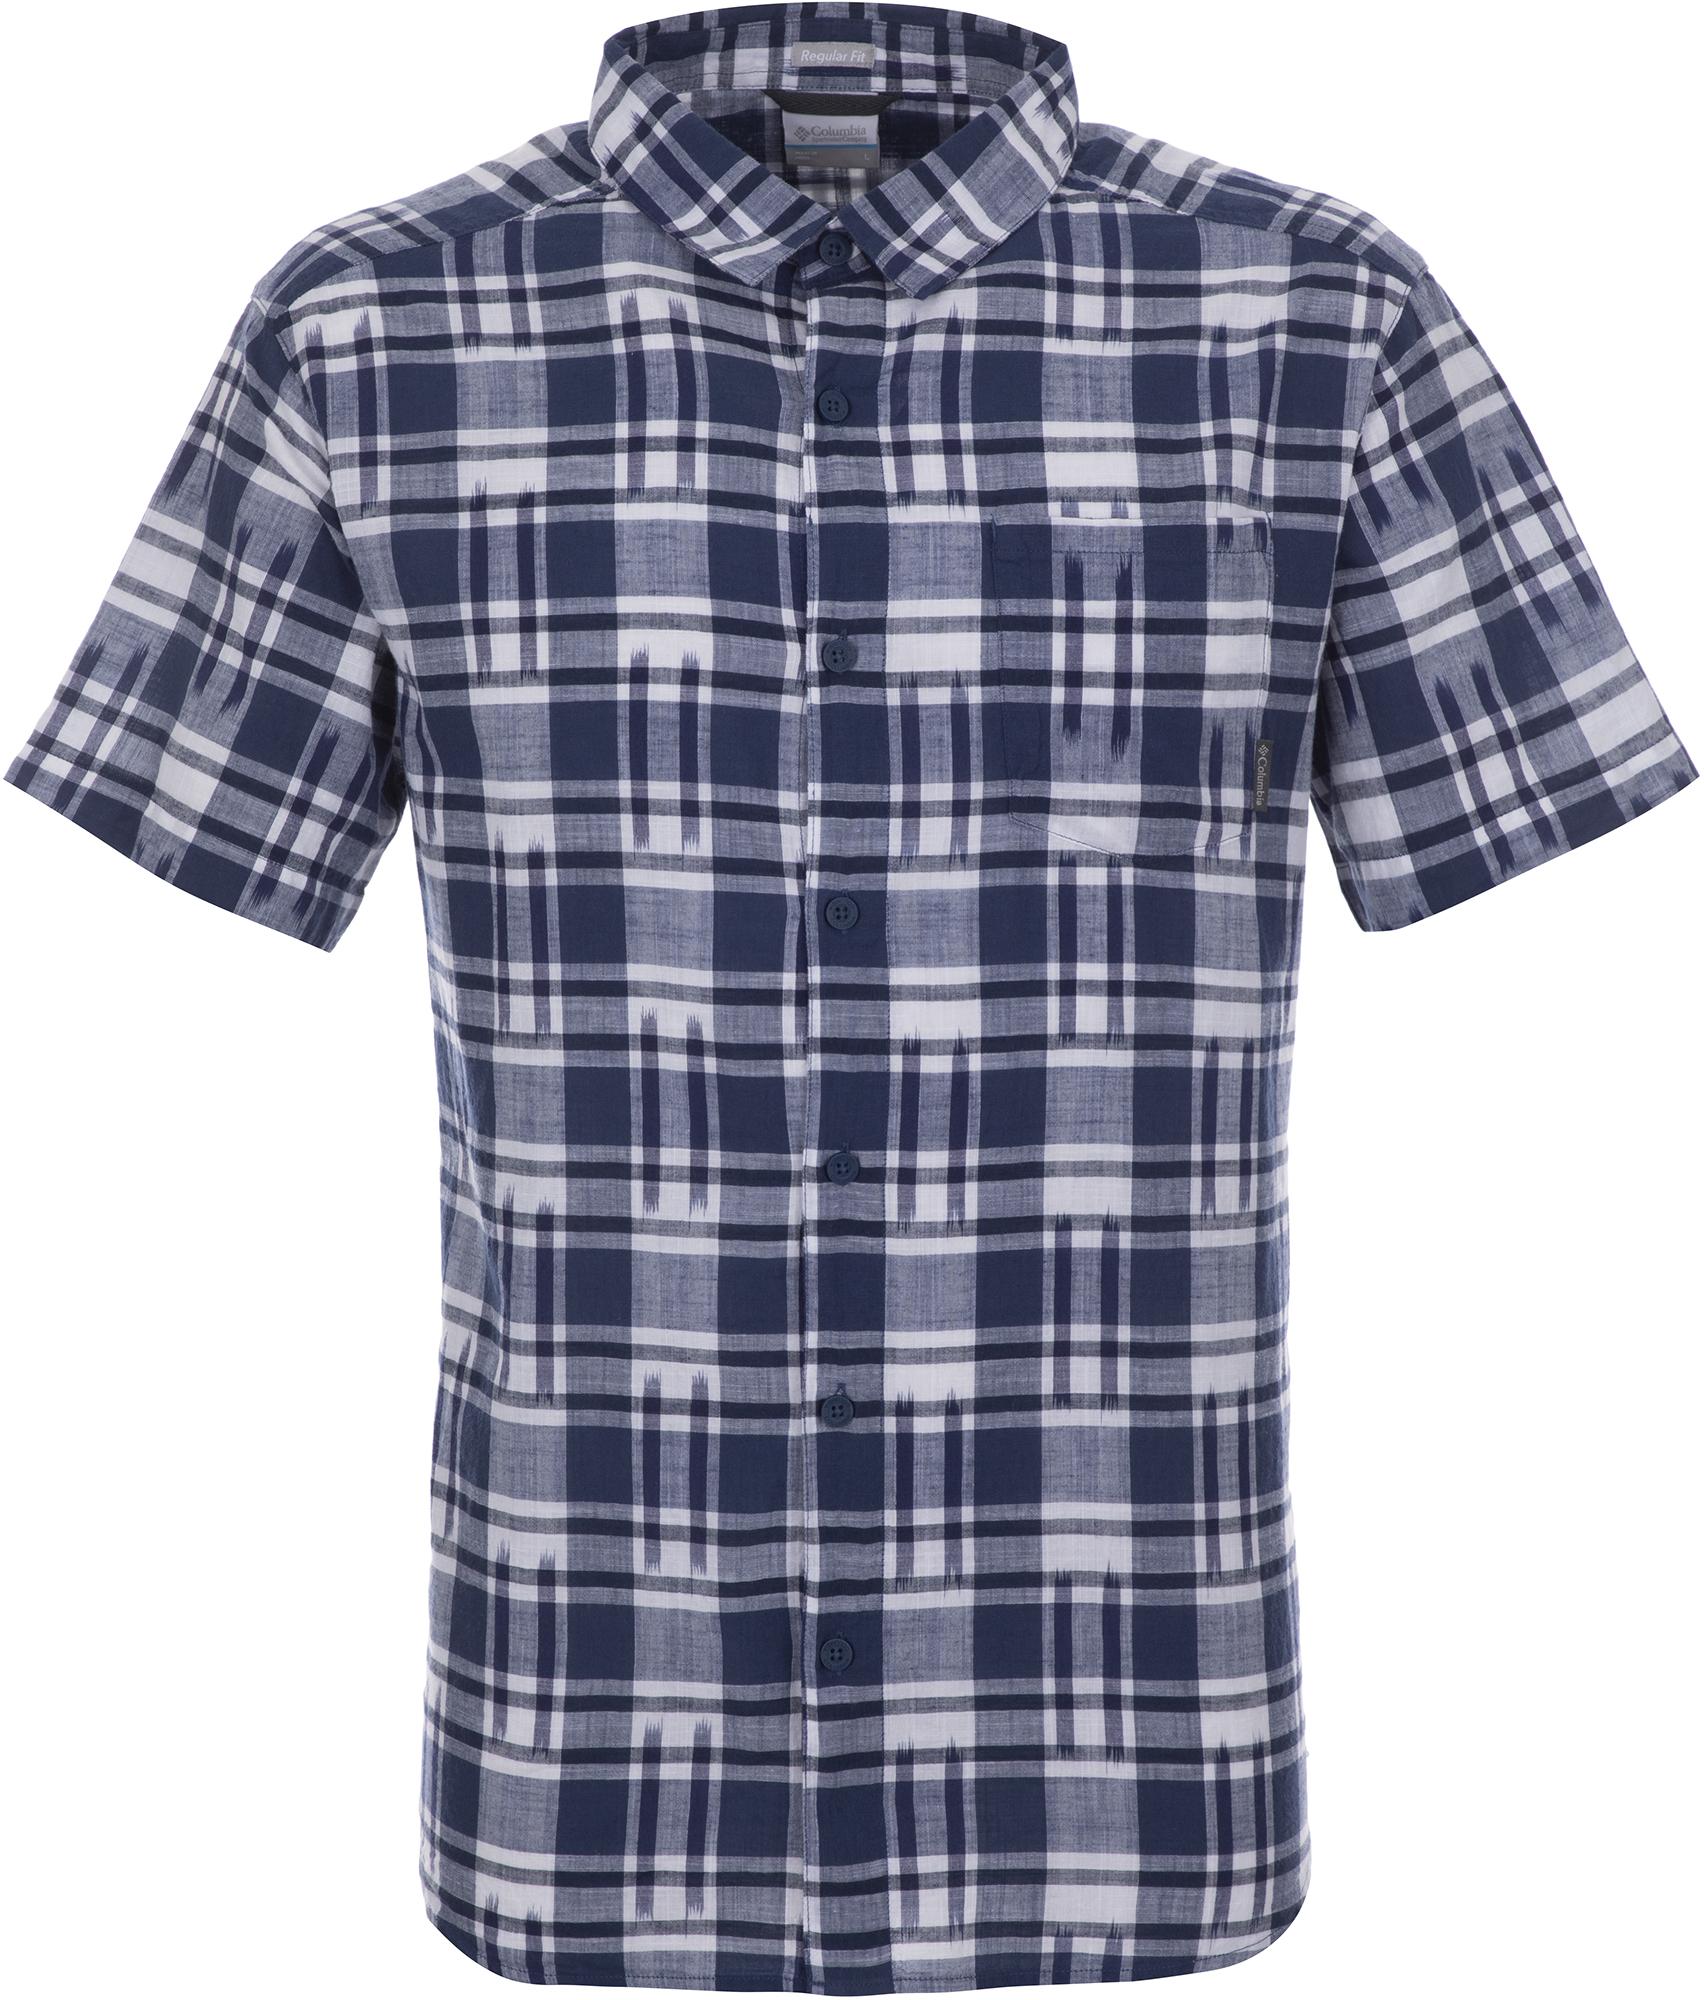 цена на Columbia Рубашка мужская Columbia Under Exposure YD, размер 56